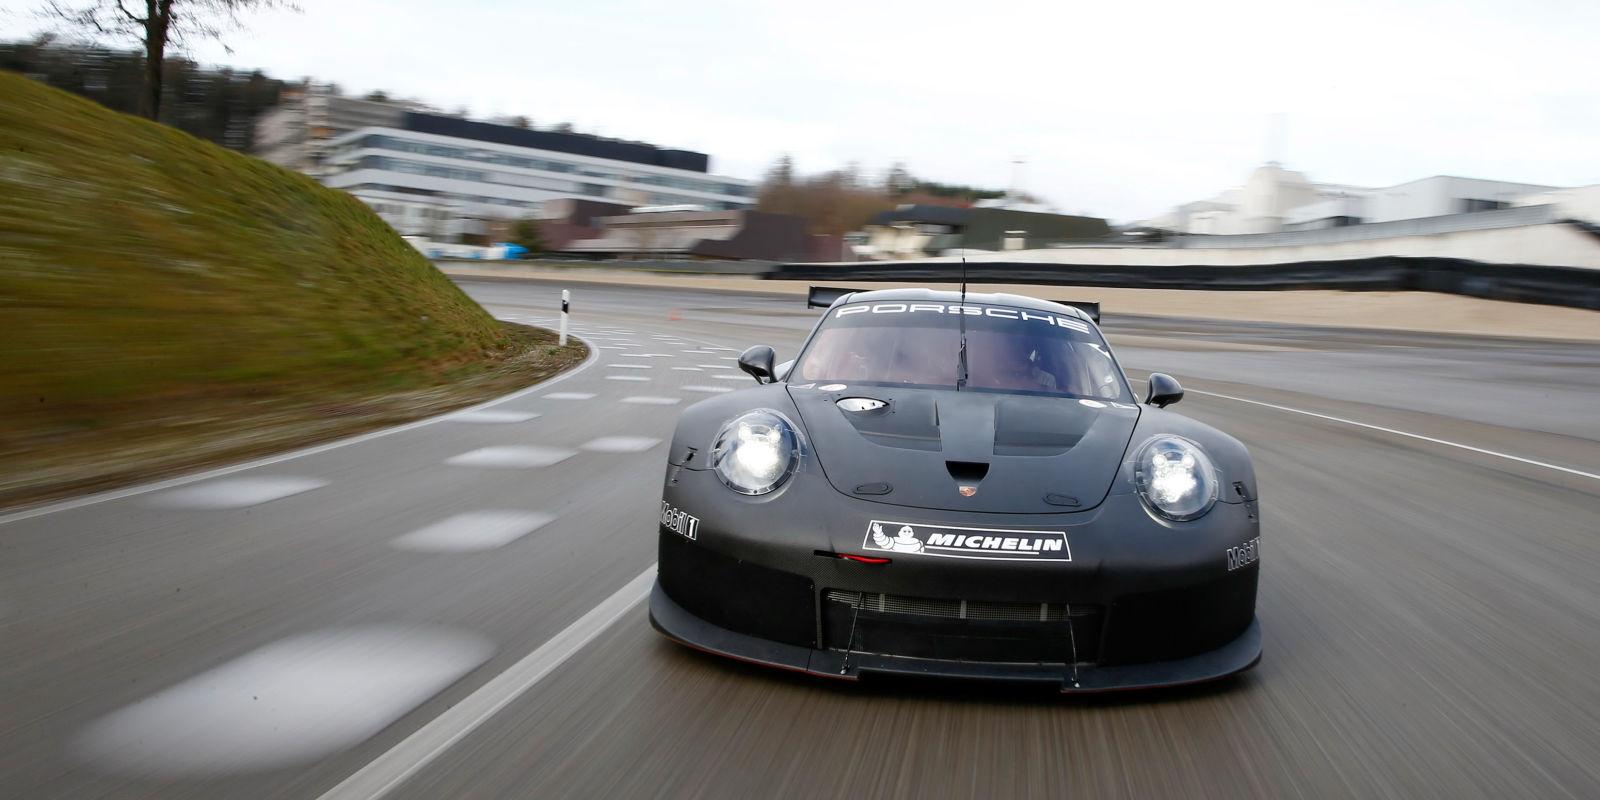 What If Porsche's New Le Mans Race Car Isn't a 911?